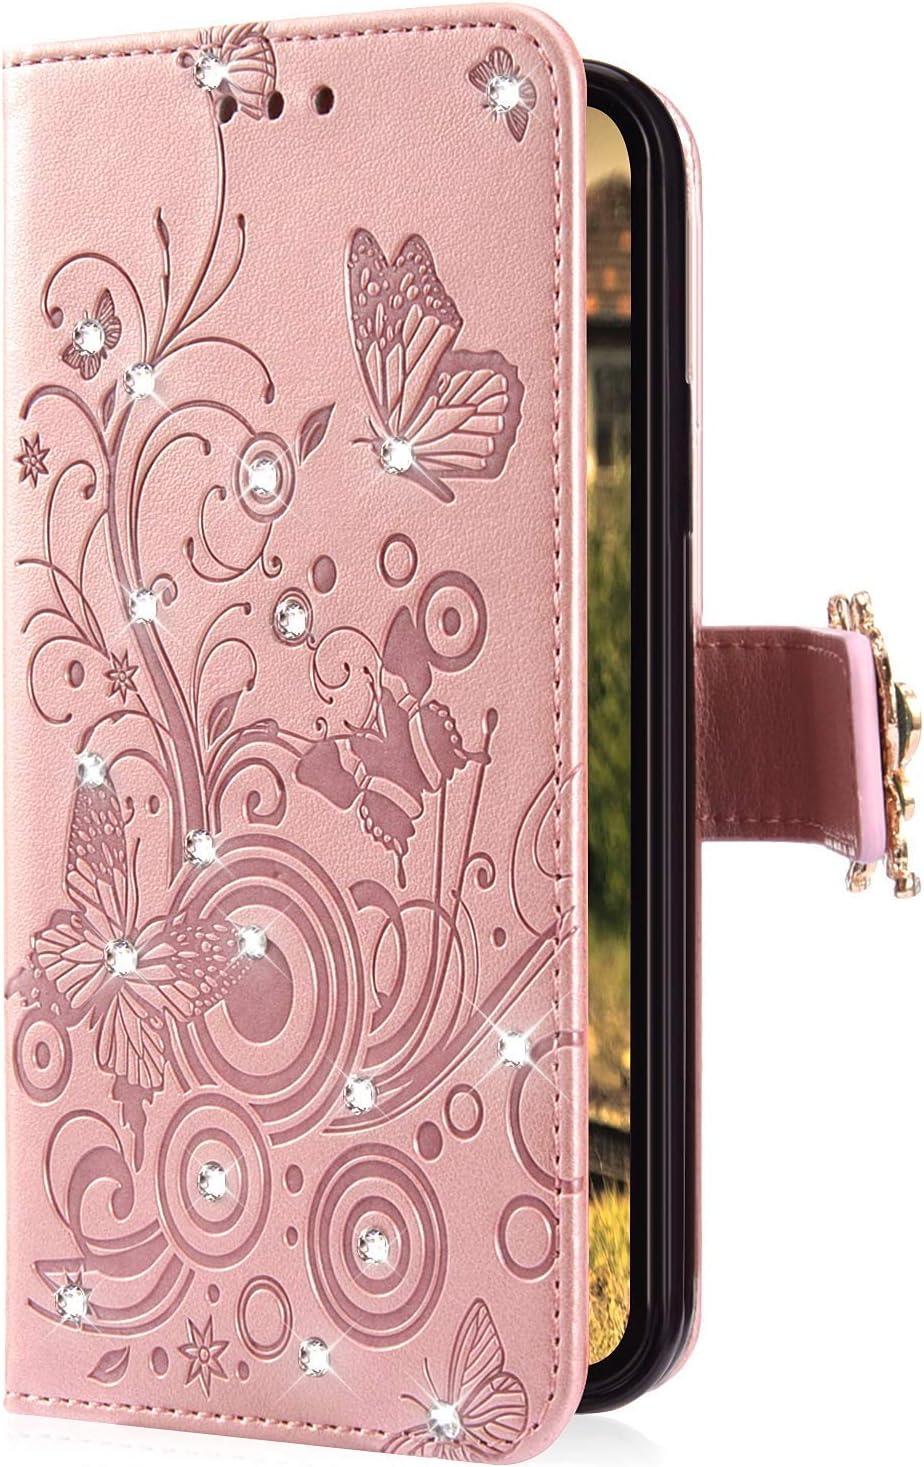 PU-Leder mit Kartenf/ächern Ikasefu Schutzh/ülle f/ür Galaxy J3 2018 mit Strasssteinen Strass-Pr/ägung Blumen f/ür Samsung Galaxy J3 2018 violett magnetisch gl/änzender Schmetterling